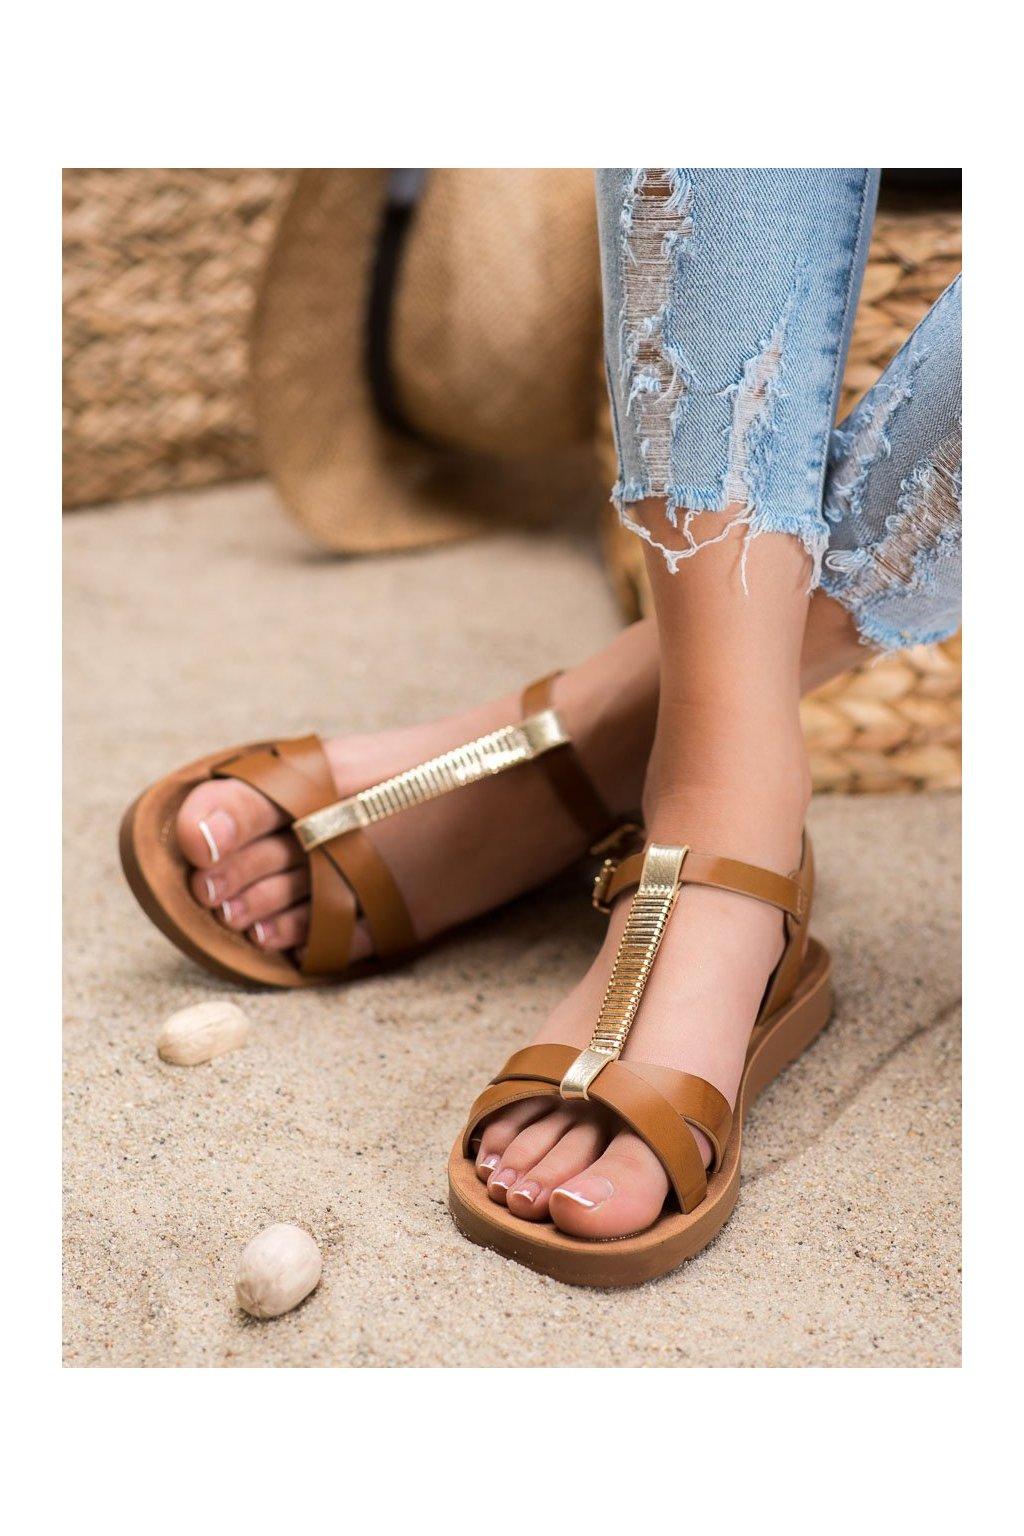 Hnedé sandále Filippo kod DS802/20BR